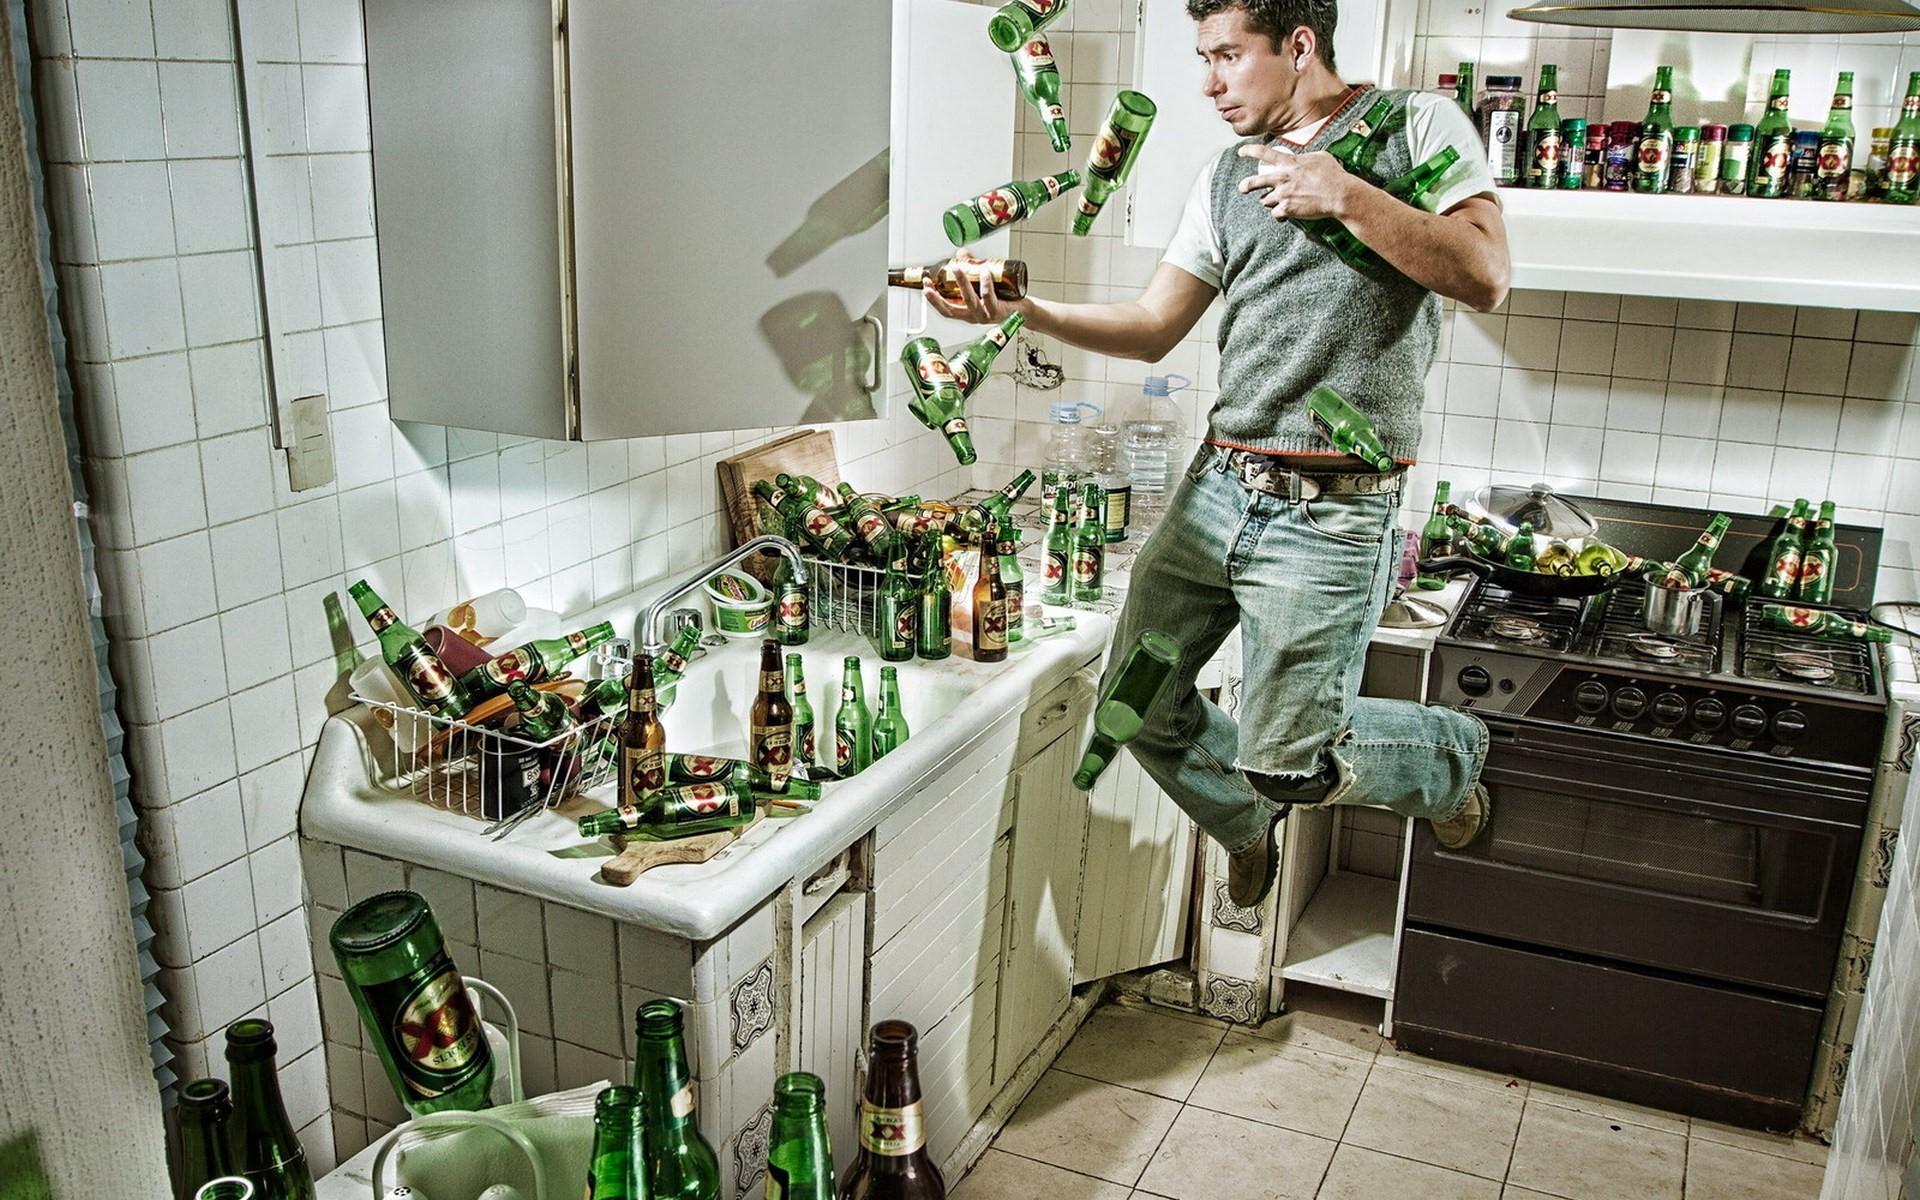 вообще мужик на кухне приколы фото фотографиях пленки зеленые